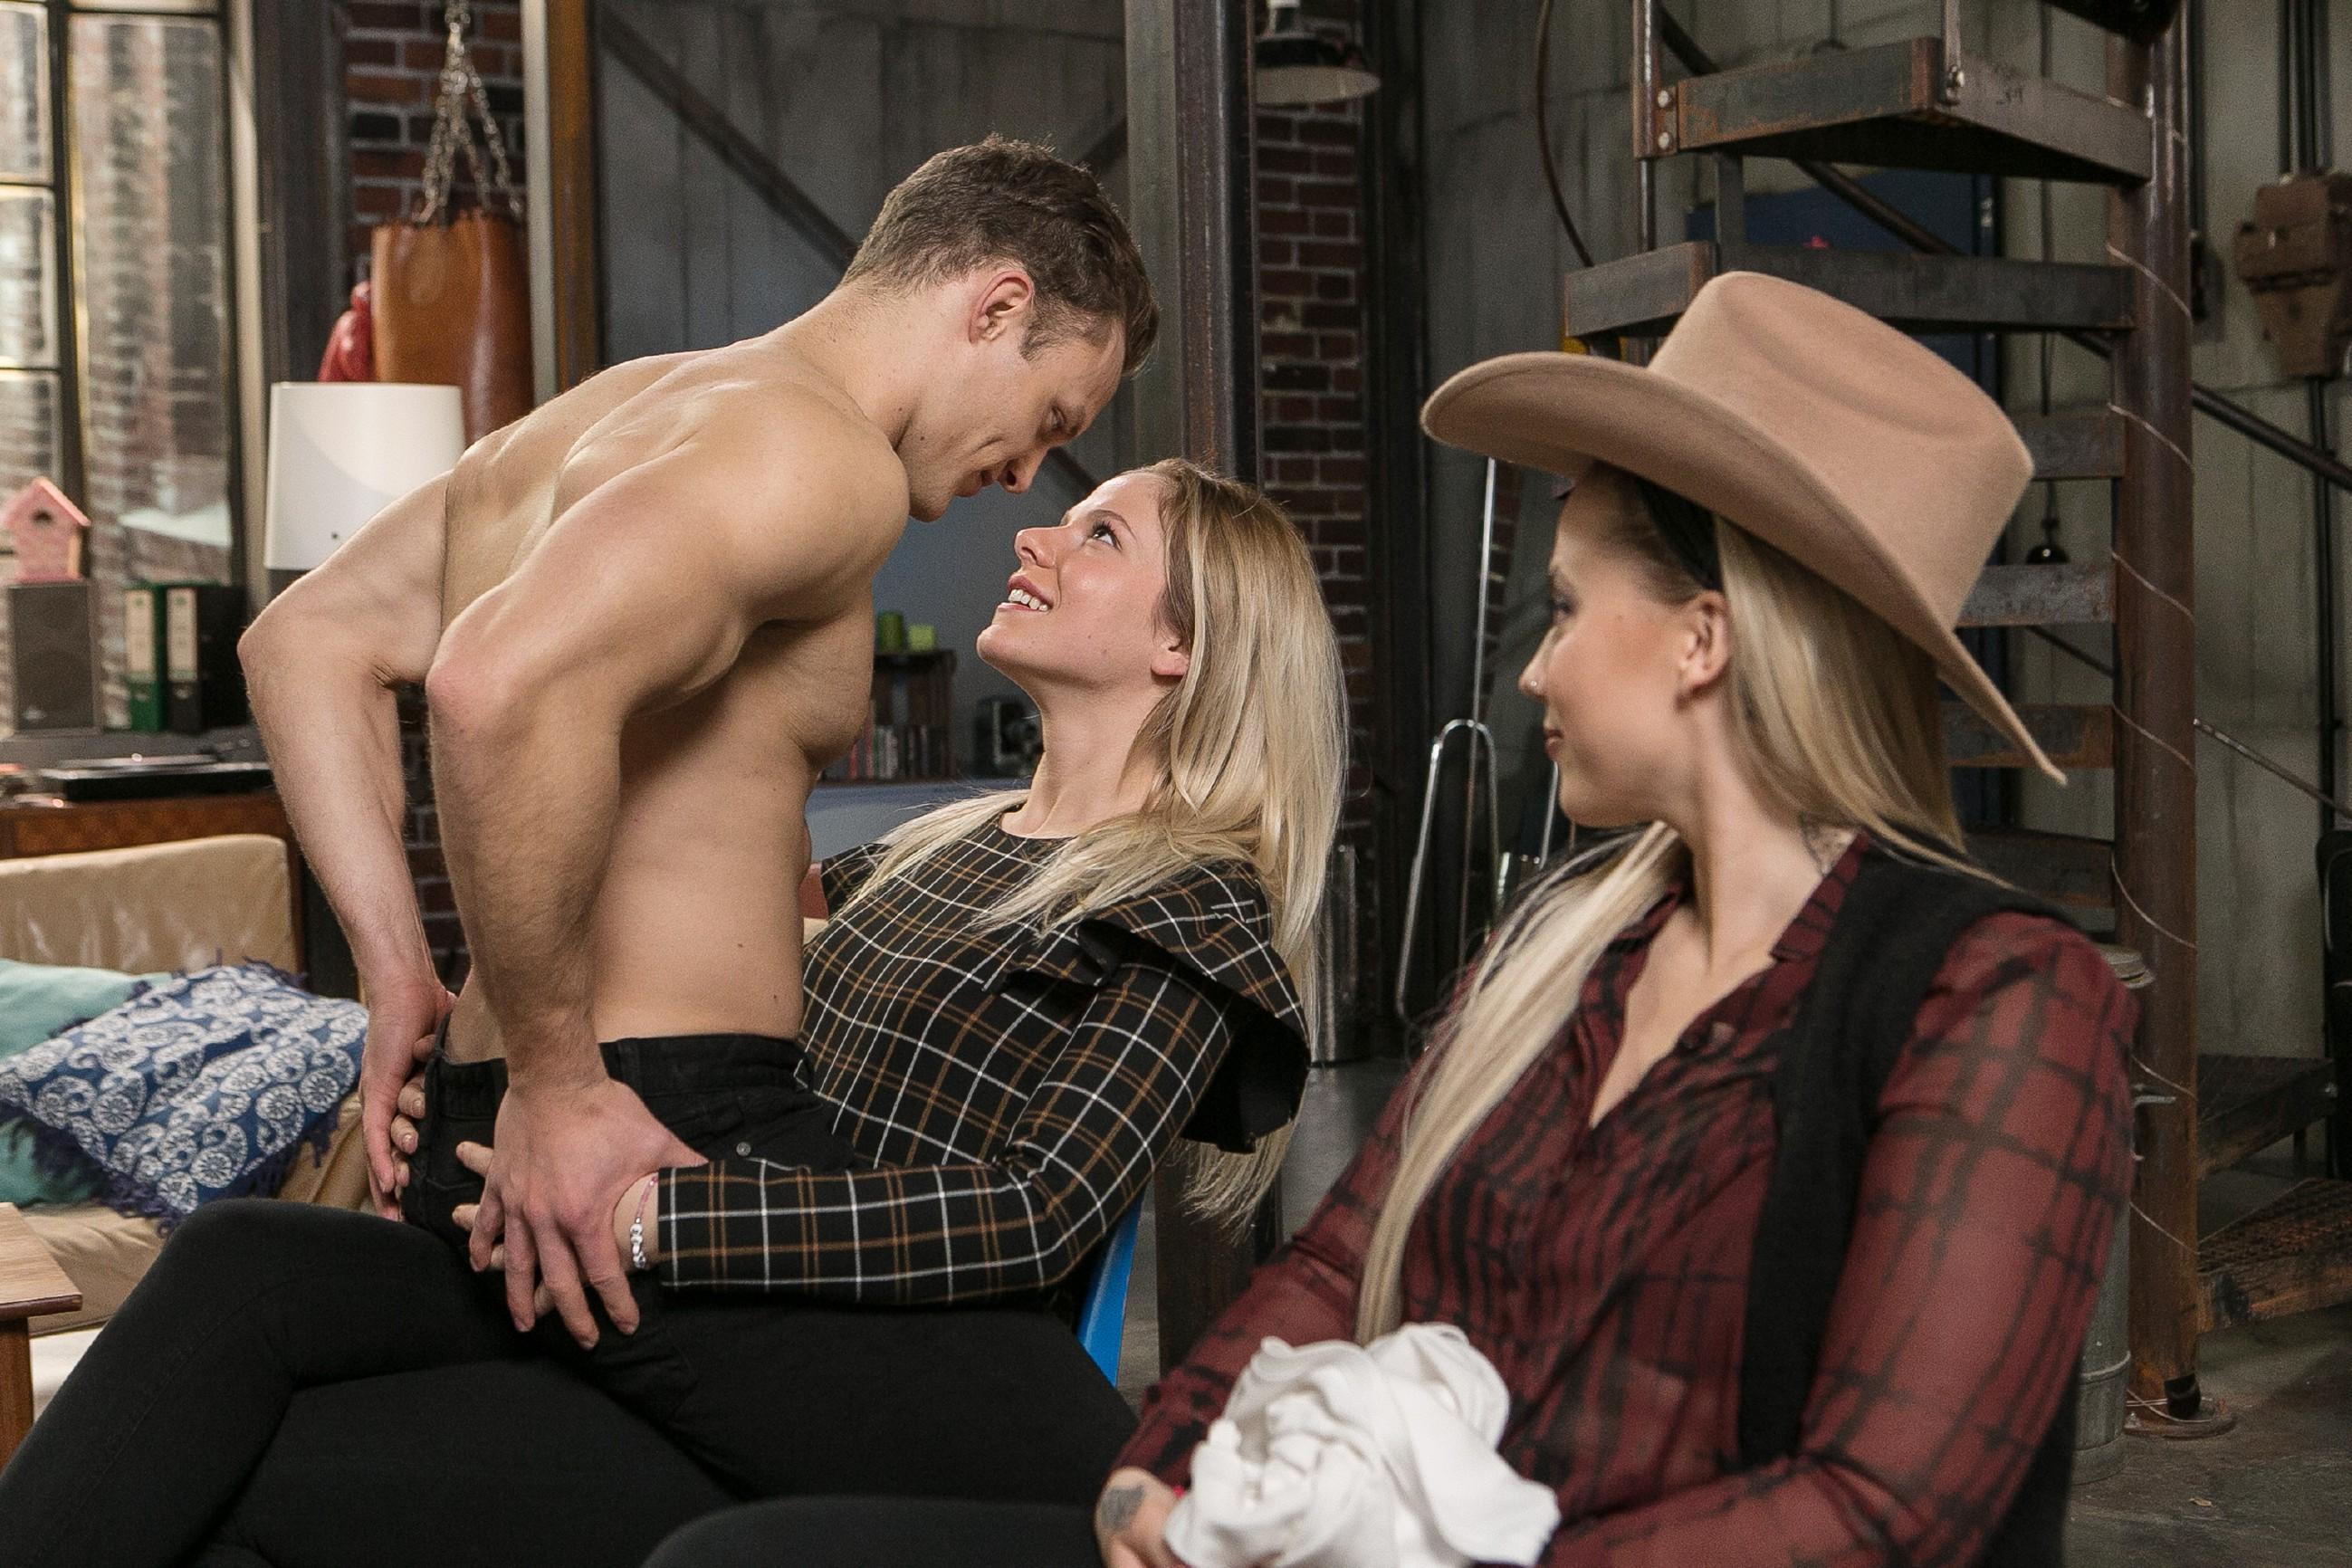 Als Tim (Robert Maaser) vor Marie (Cheyenne Pahde, M.) und Iva (Christina Klein) einen Probestrip hinlegt, muss Marie sich eingestehen, dass sie sich in Tim verknallt hat... (Quelle: RTL / Kai Schulz)